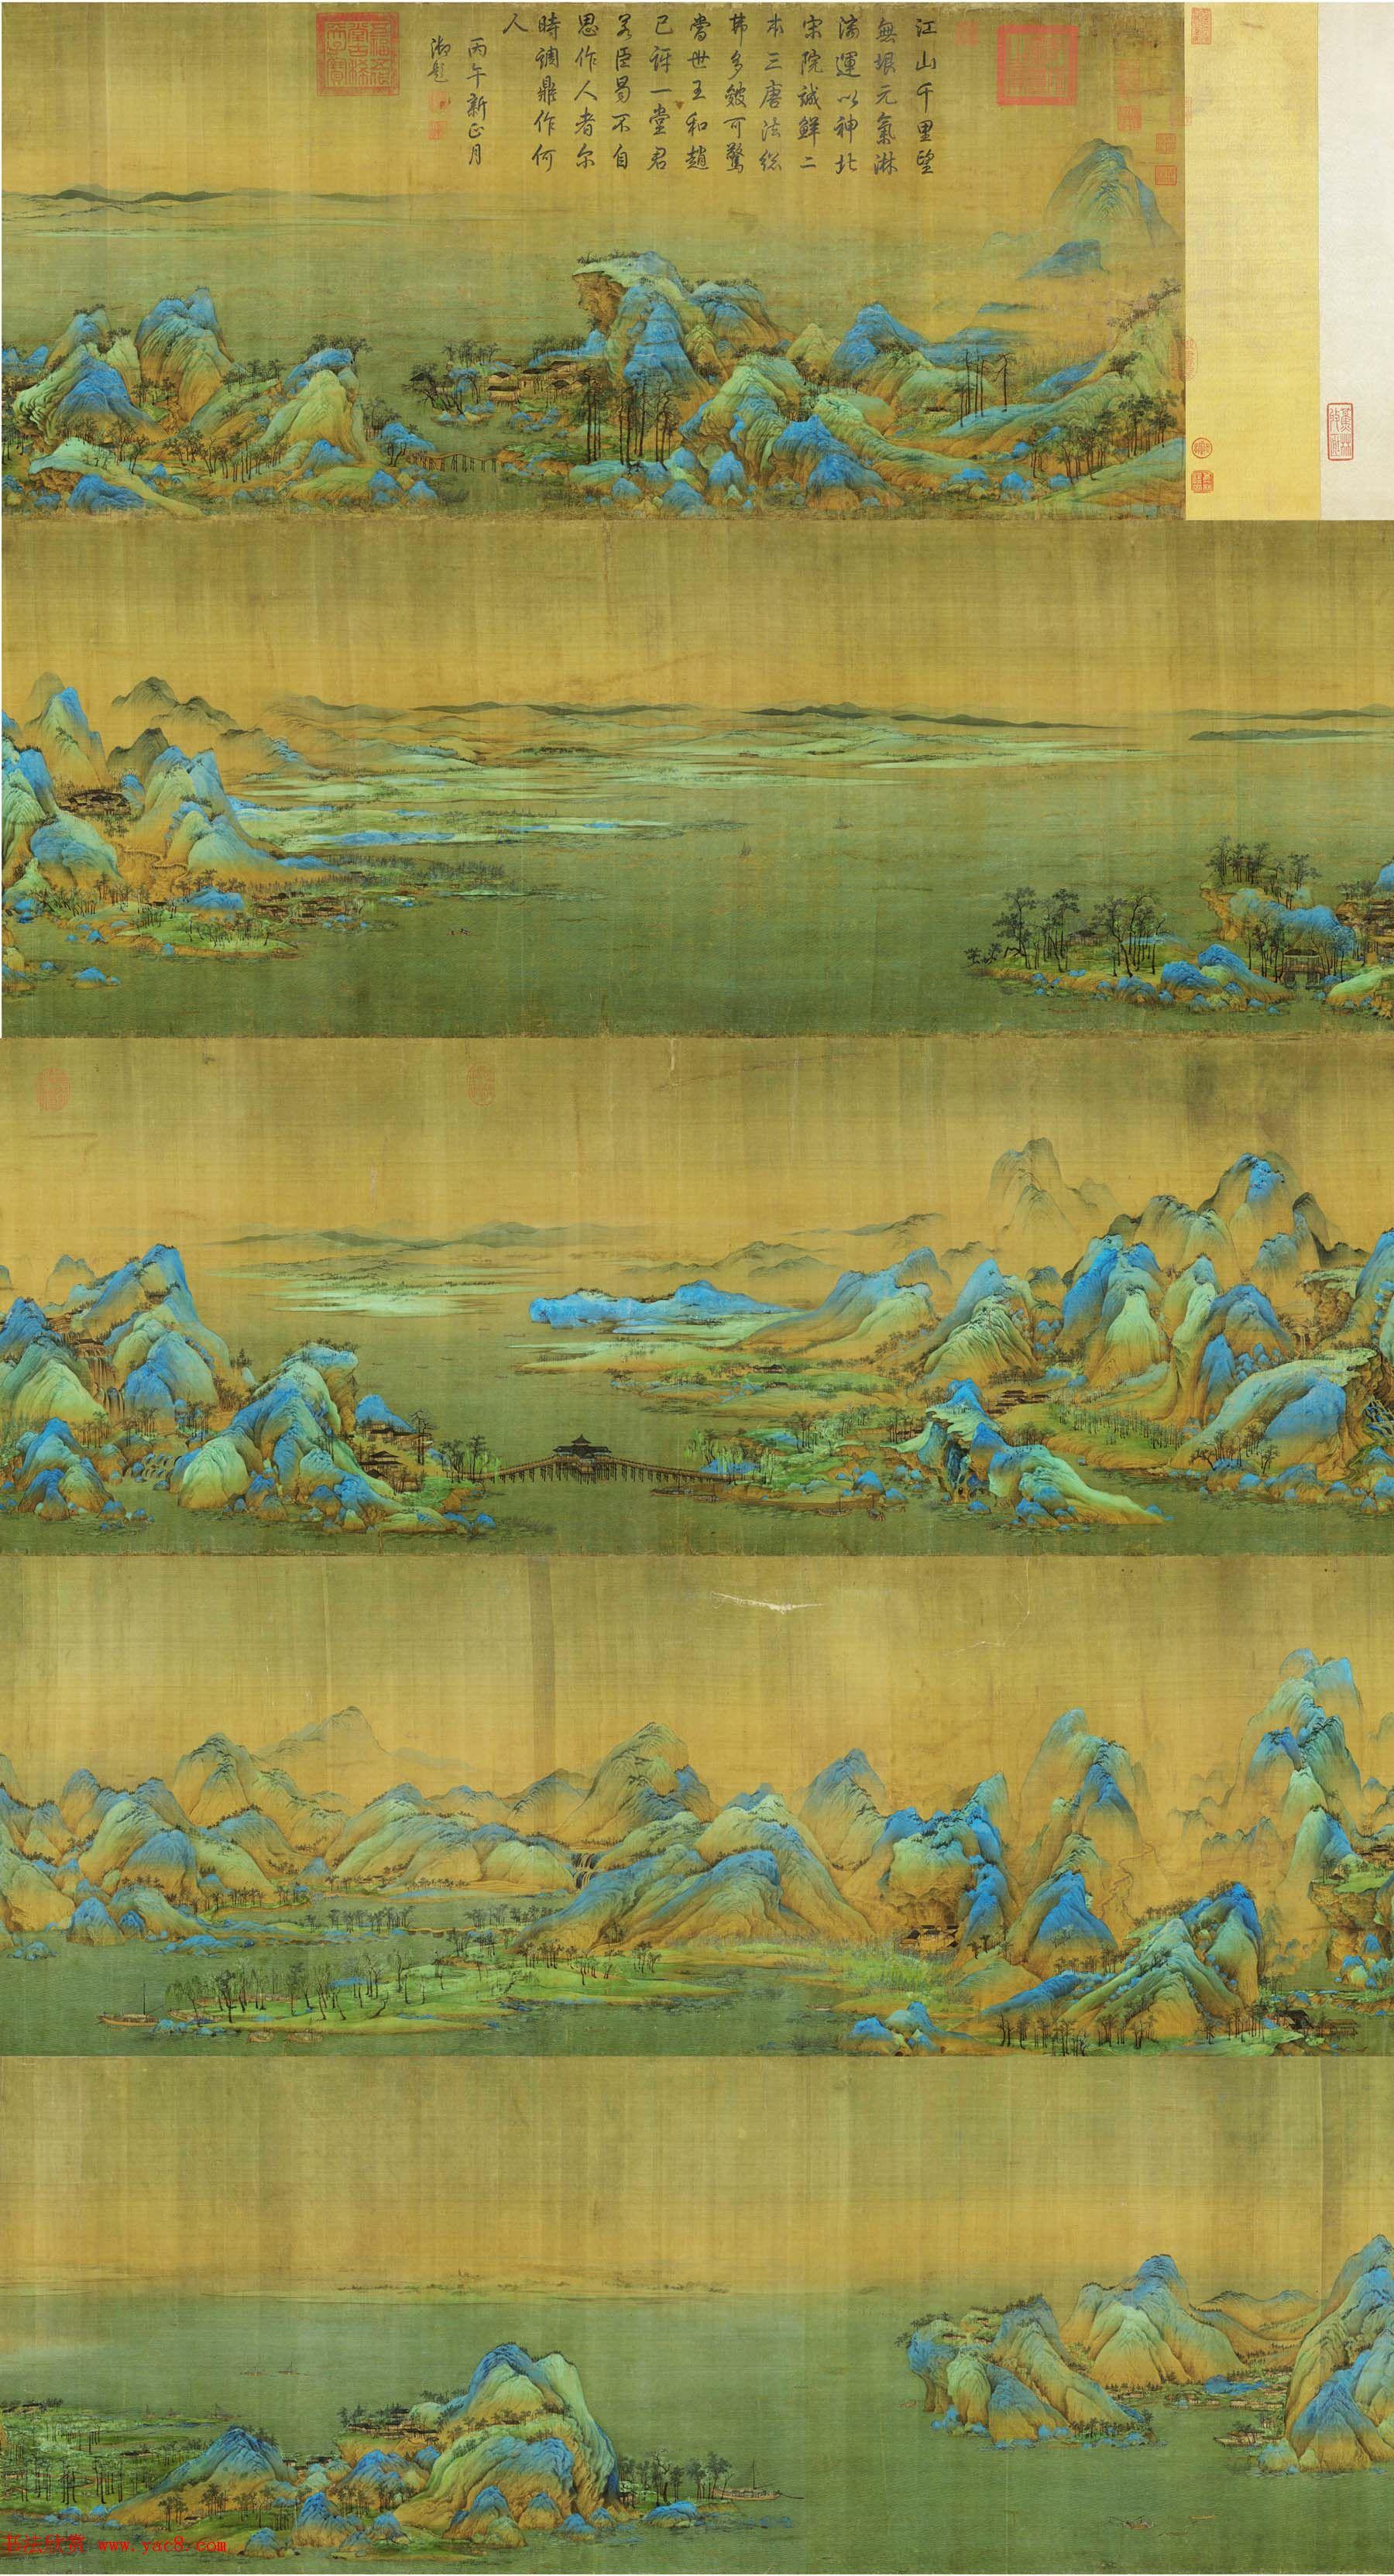 北宋王希孟传世名画《千里江山图》